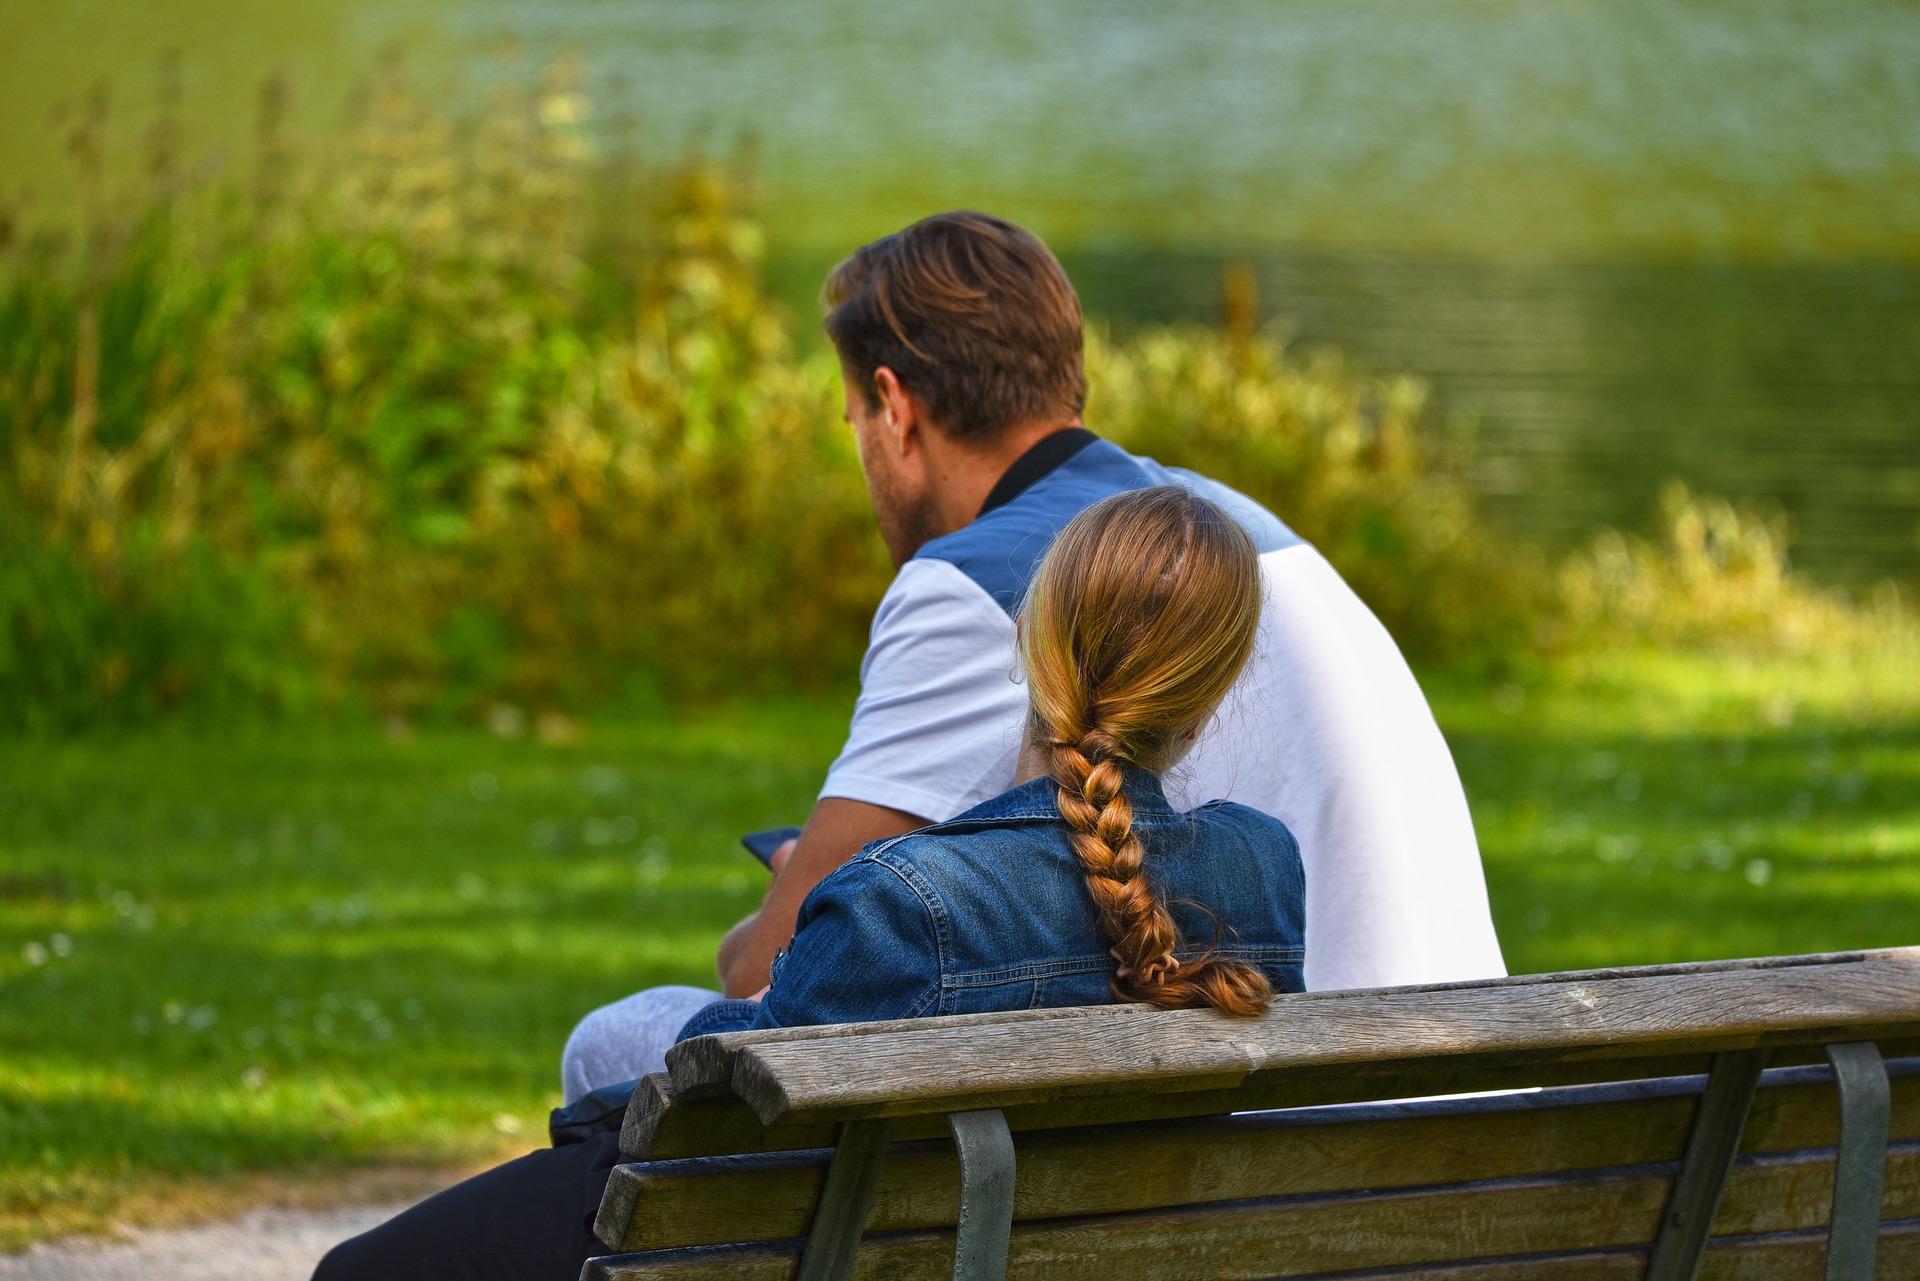 A nem tisztázott elvárások kapcsolati problémákhoz vezetnek. -